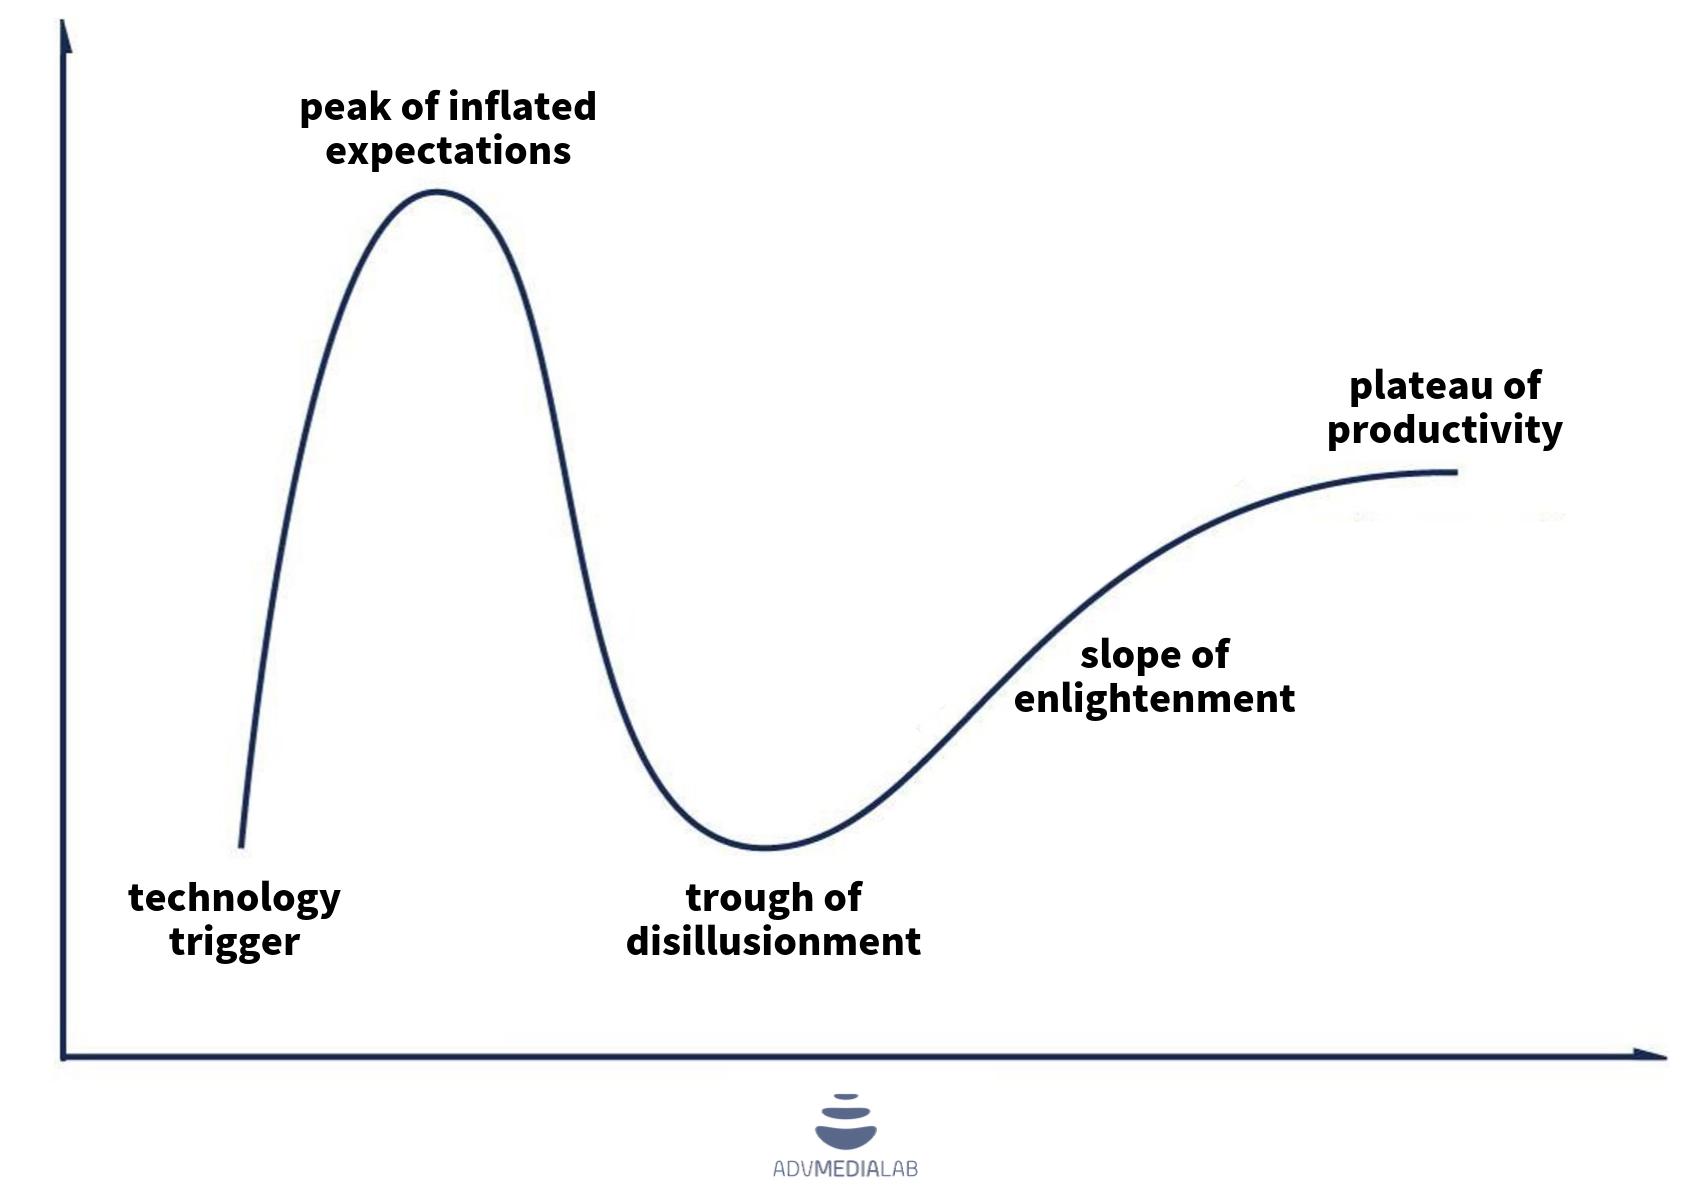 ciclo di Hype gartner